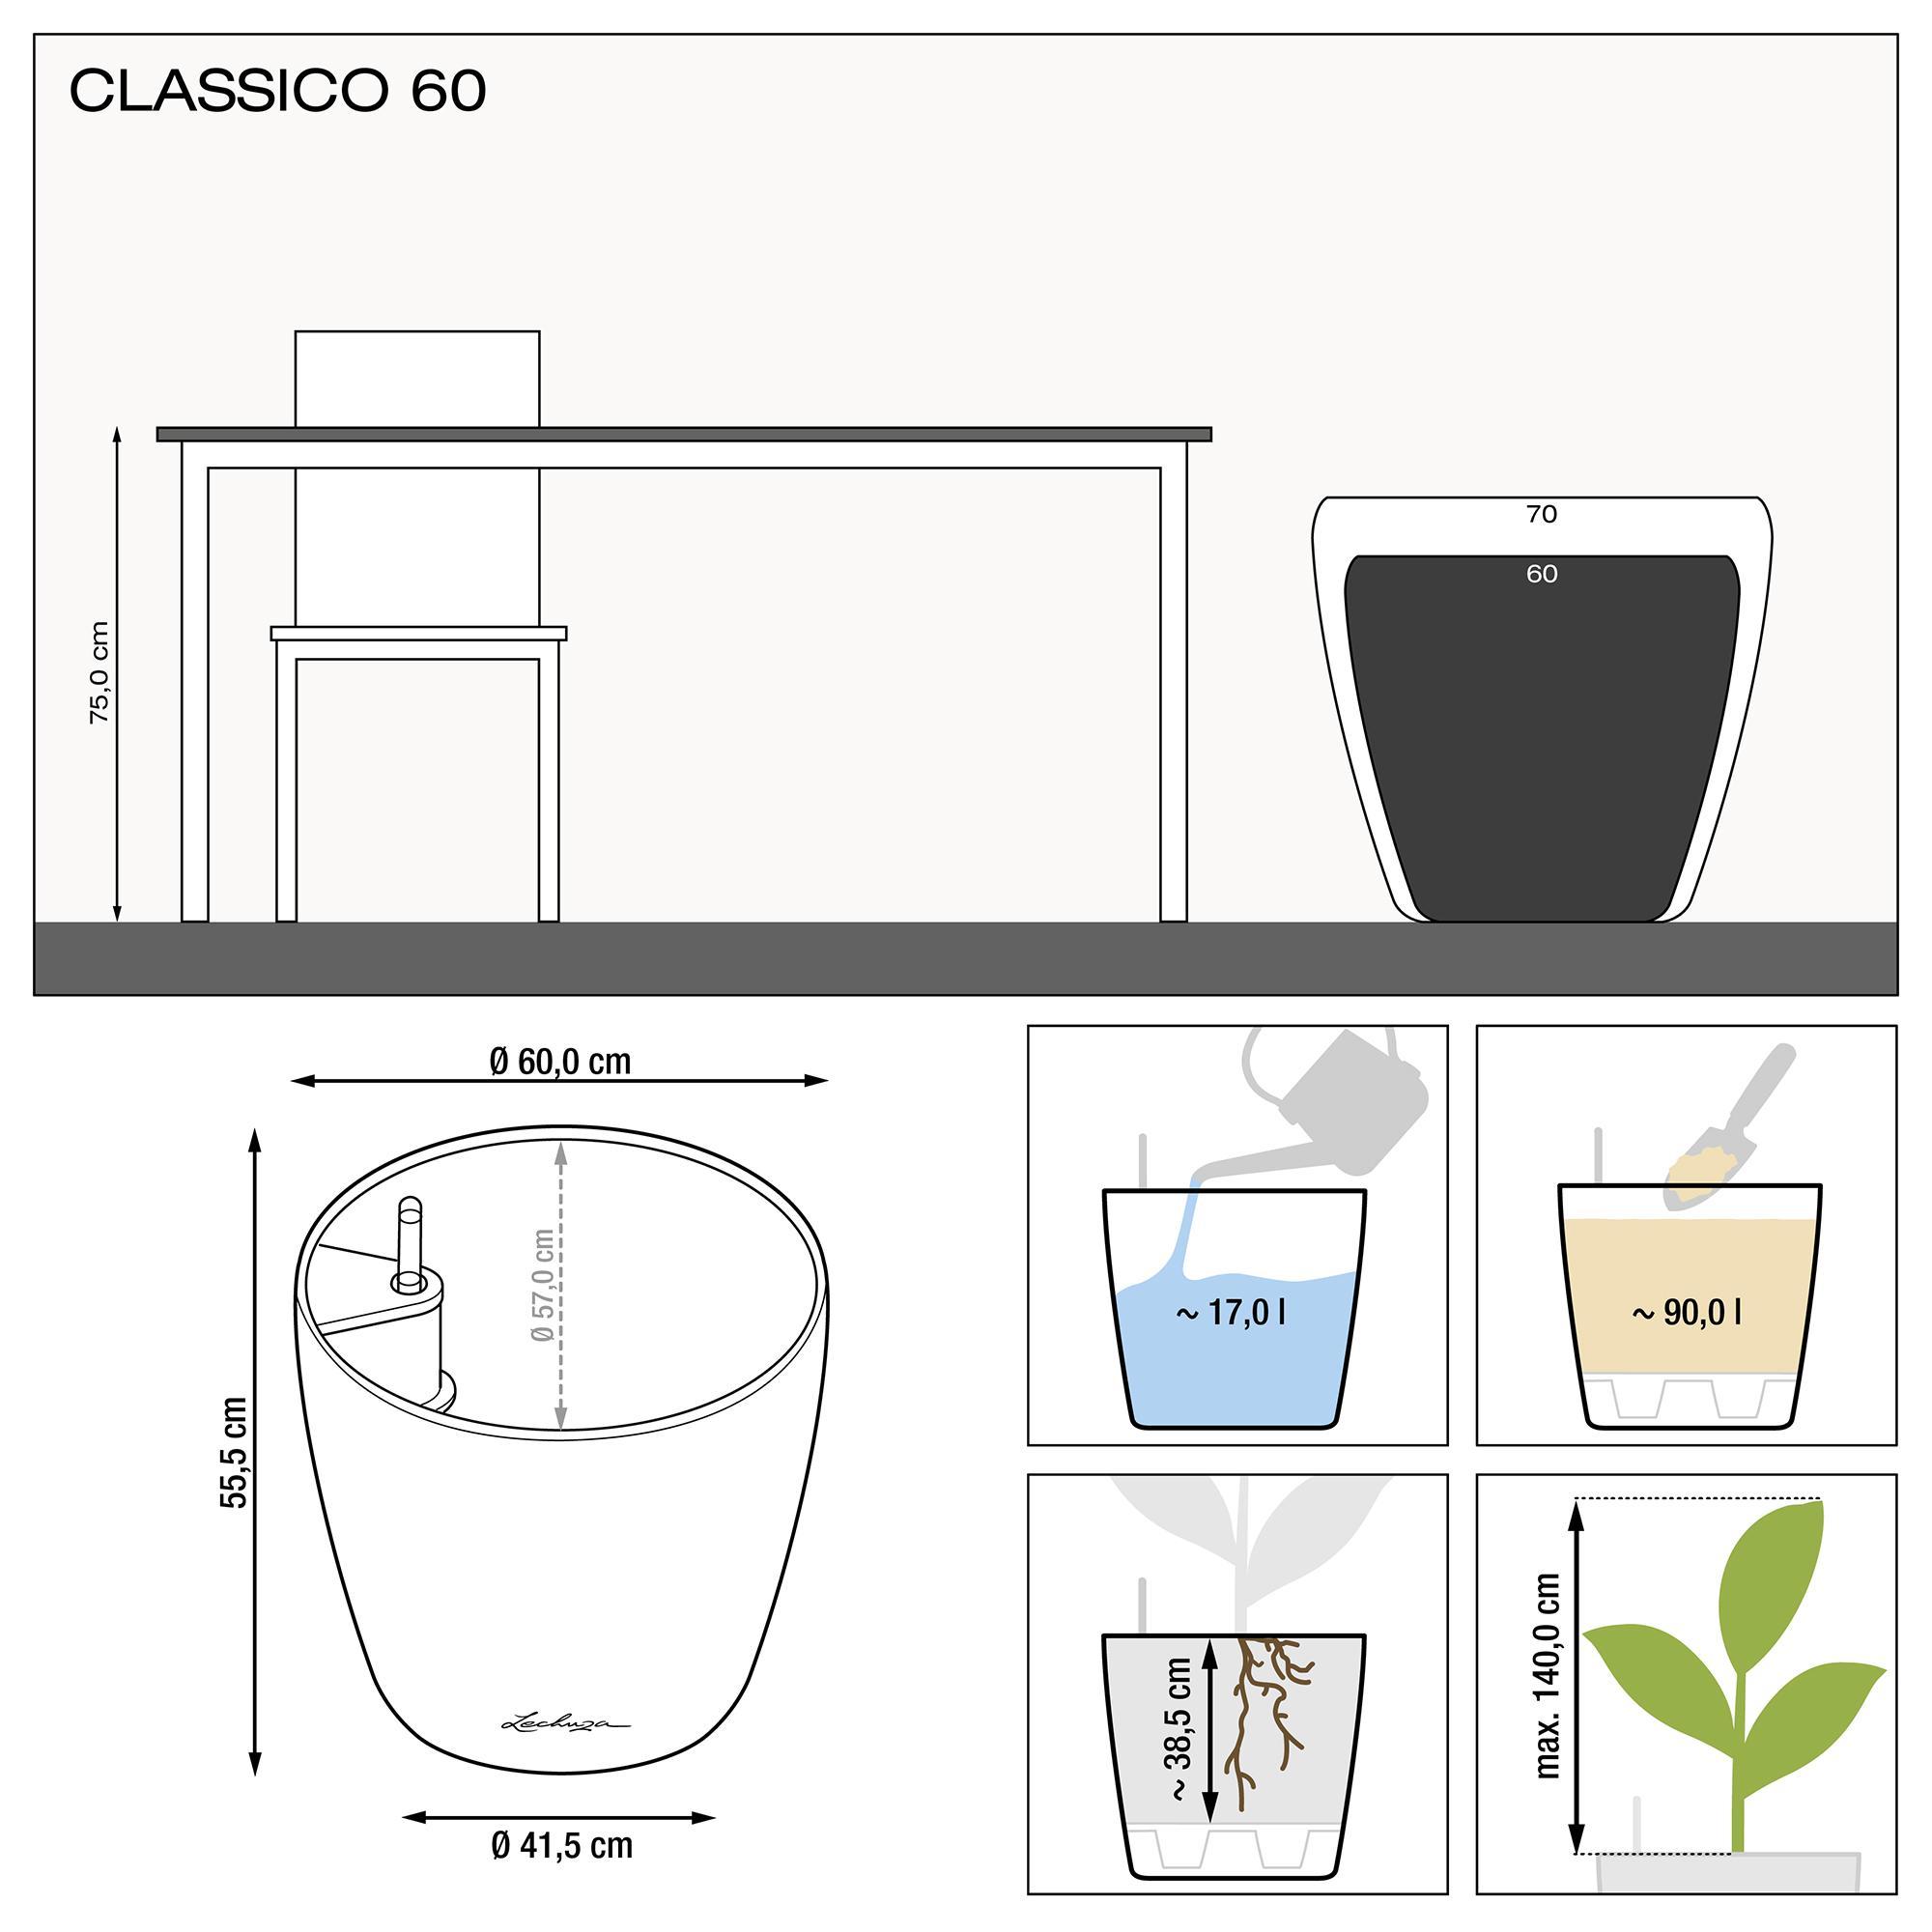 CLASSICO 60 noir brillant - Image 2